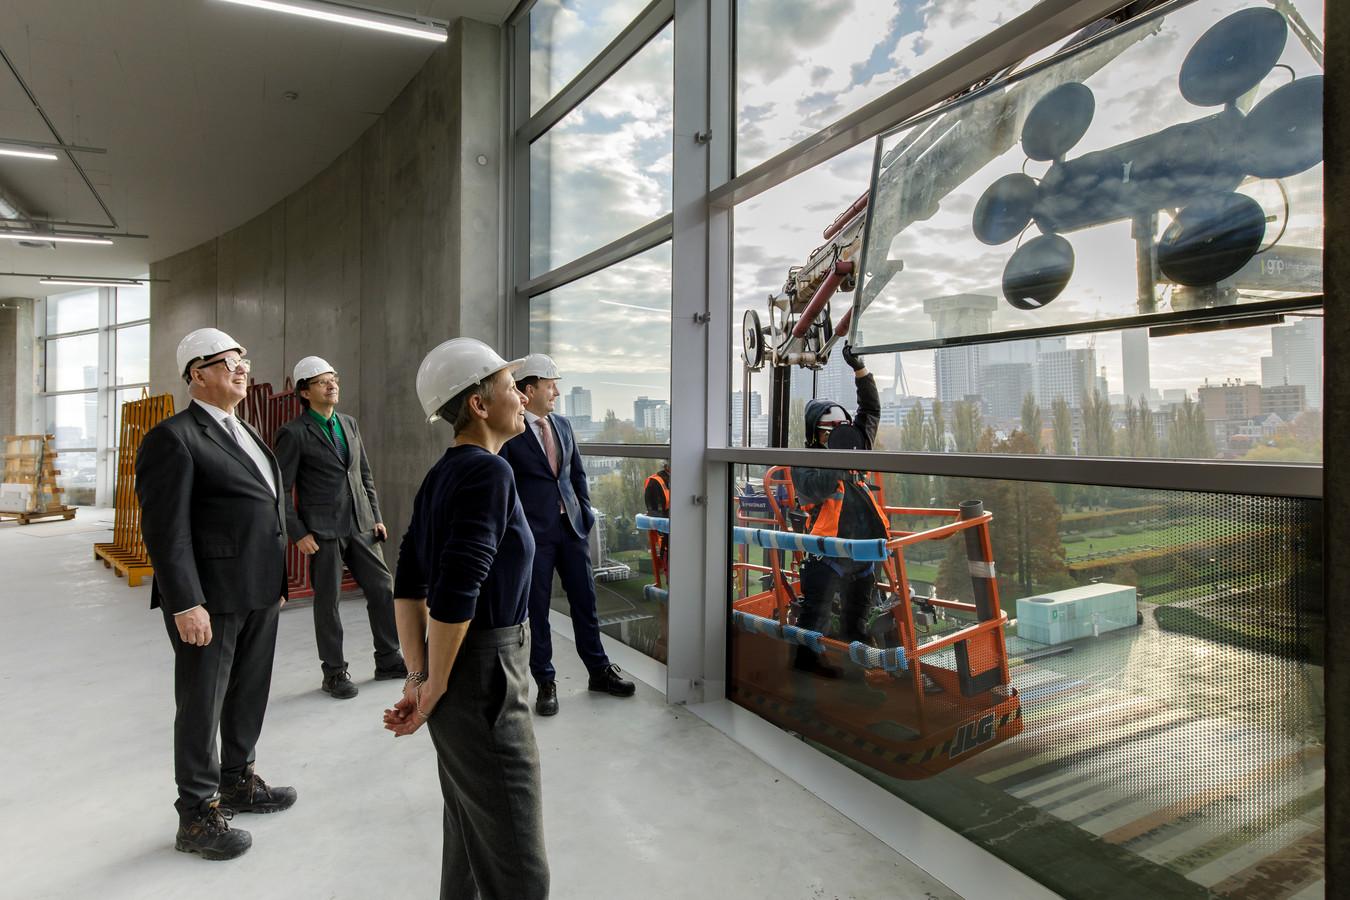 Directeur Roelof Prins van stichting De Verre Bergen, museumdirecteur Sjarel Ex, architect Fokke Moerel van MVRDV en wethouder Bas Kurvers (v.l.n.r.) bekijken hoe het laatste glaspaneel tegen het glimmende kunstdepot wordt gezet.